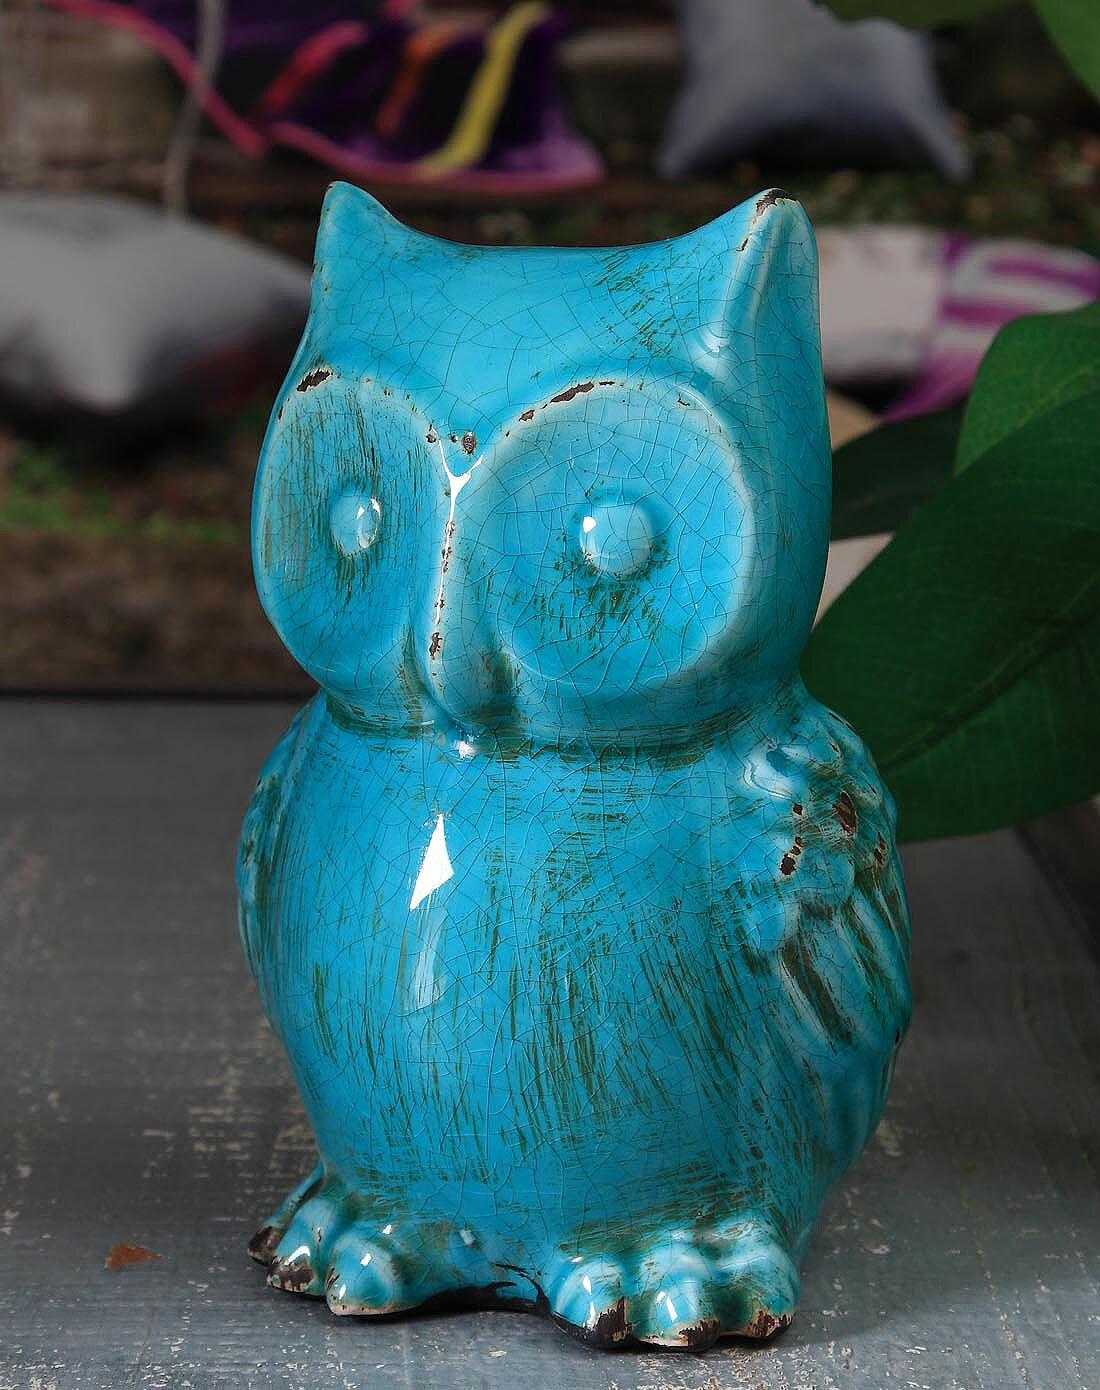 owl decor 5 - Owl Decor